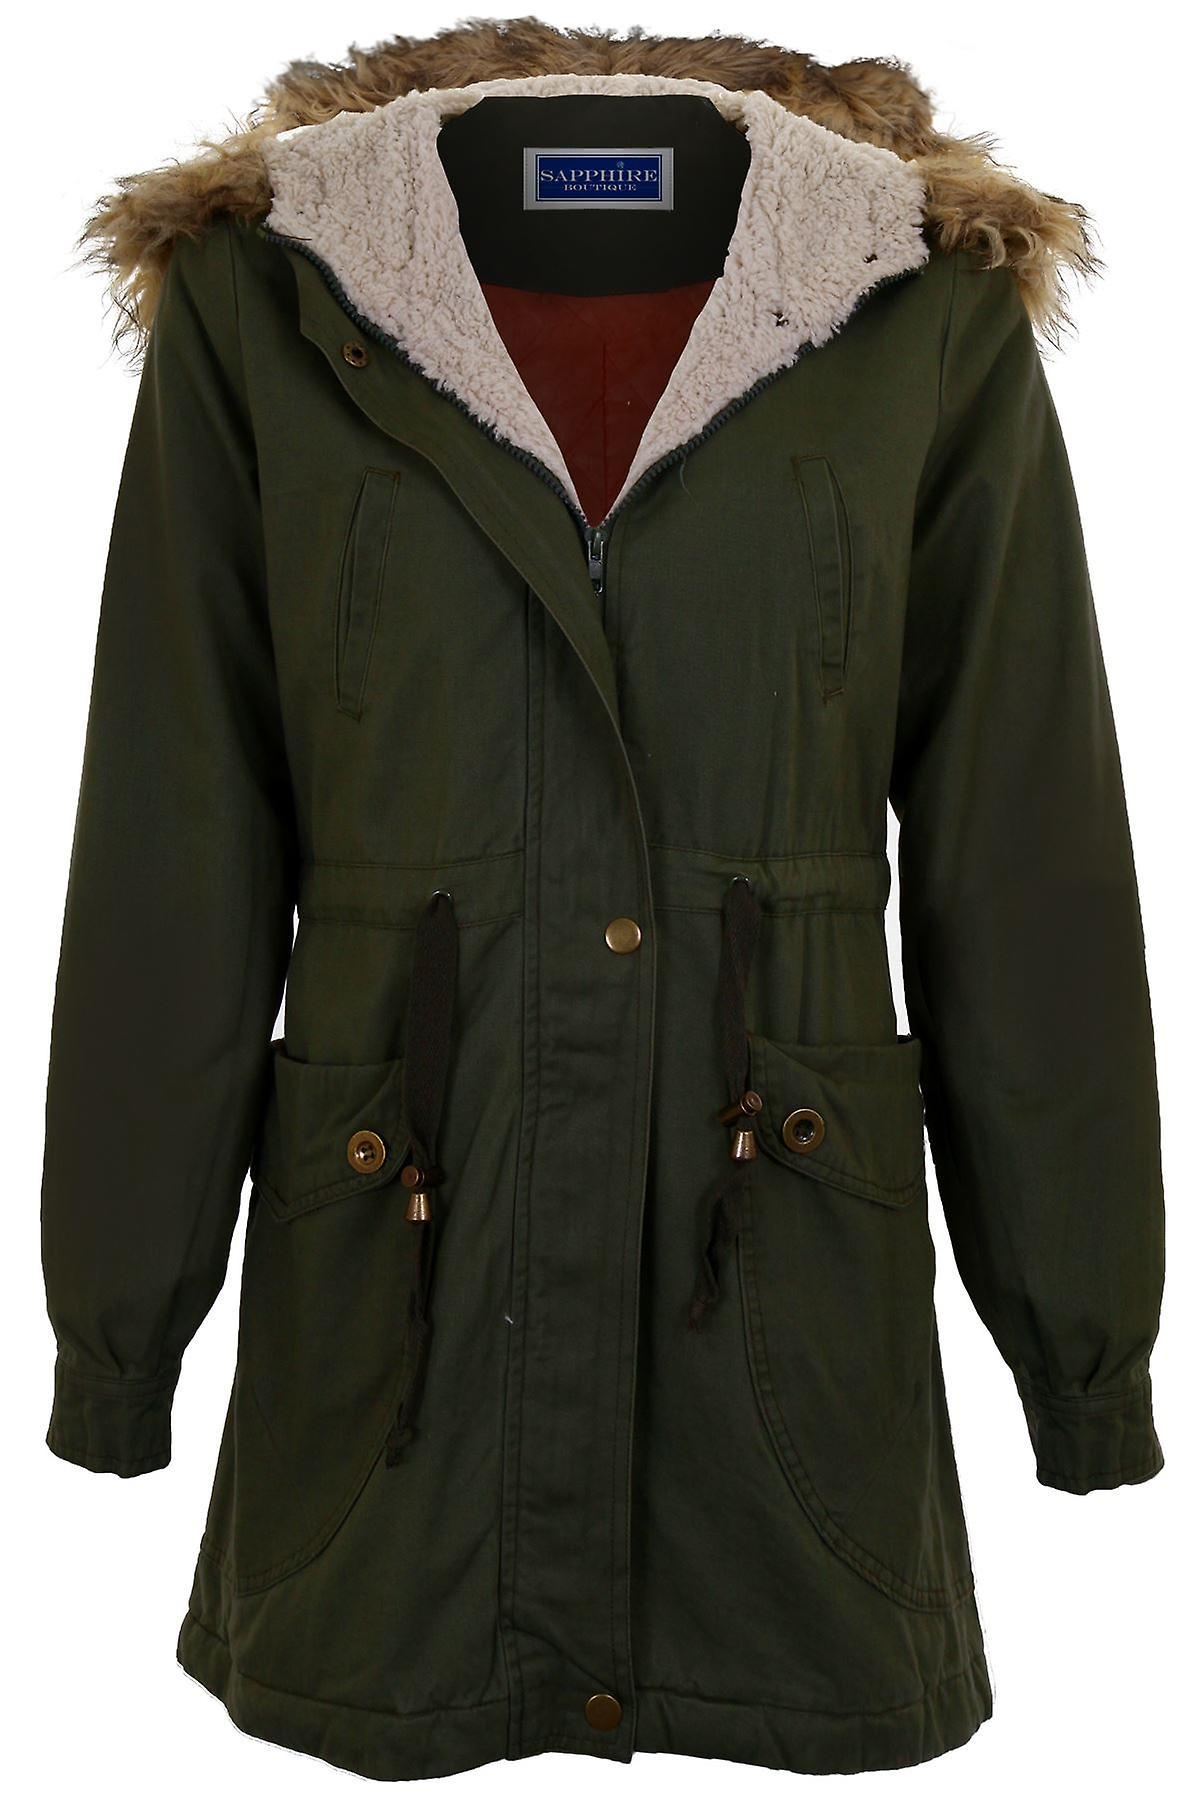 Hyvät irrotettava tekoturkiksia hupullinen Zip Up Naisten talvi kalan pyrstön Parka takki